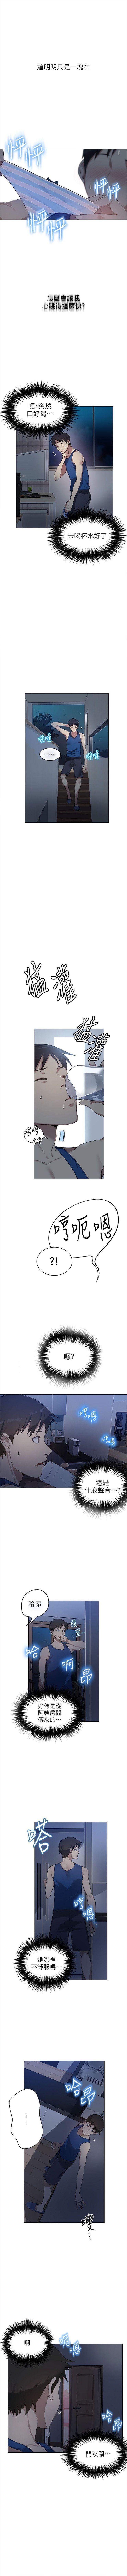 秘密教學  1-50 官方中文(連載中) 9